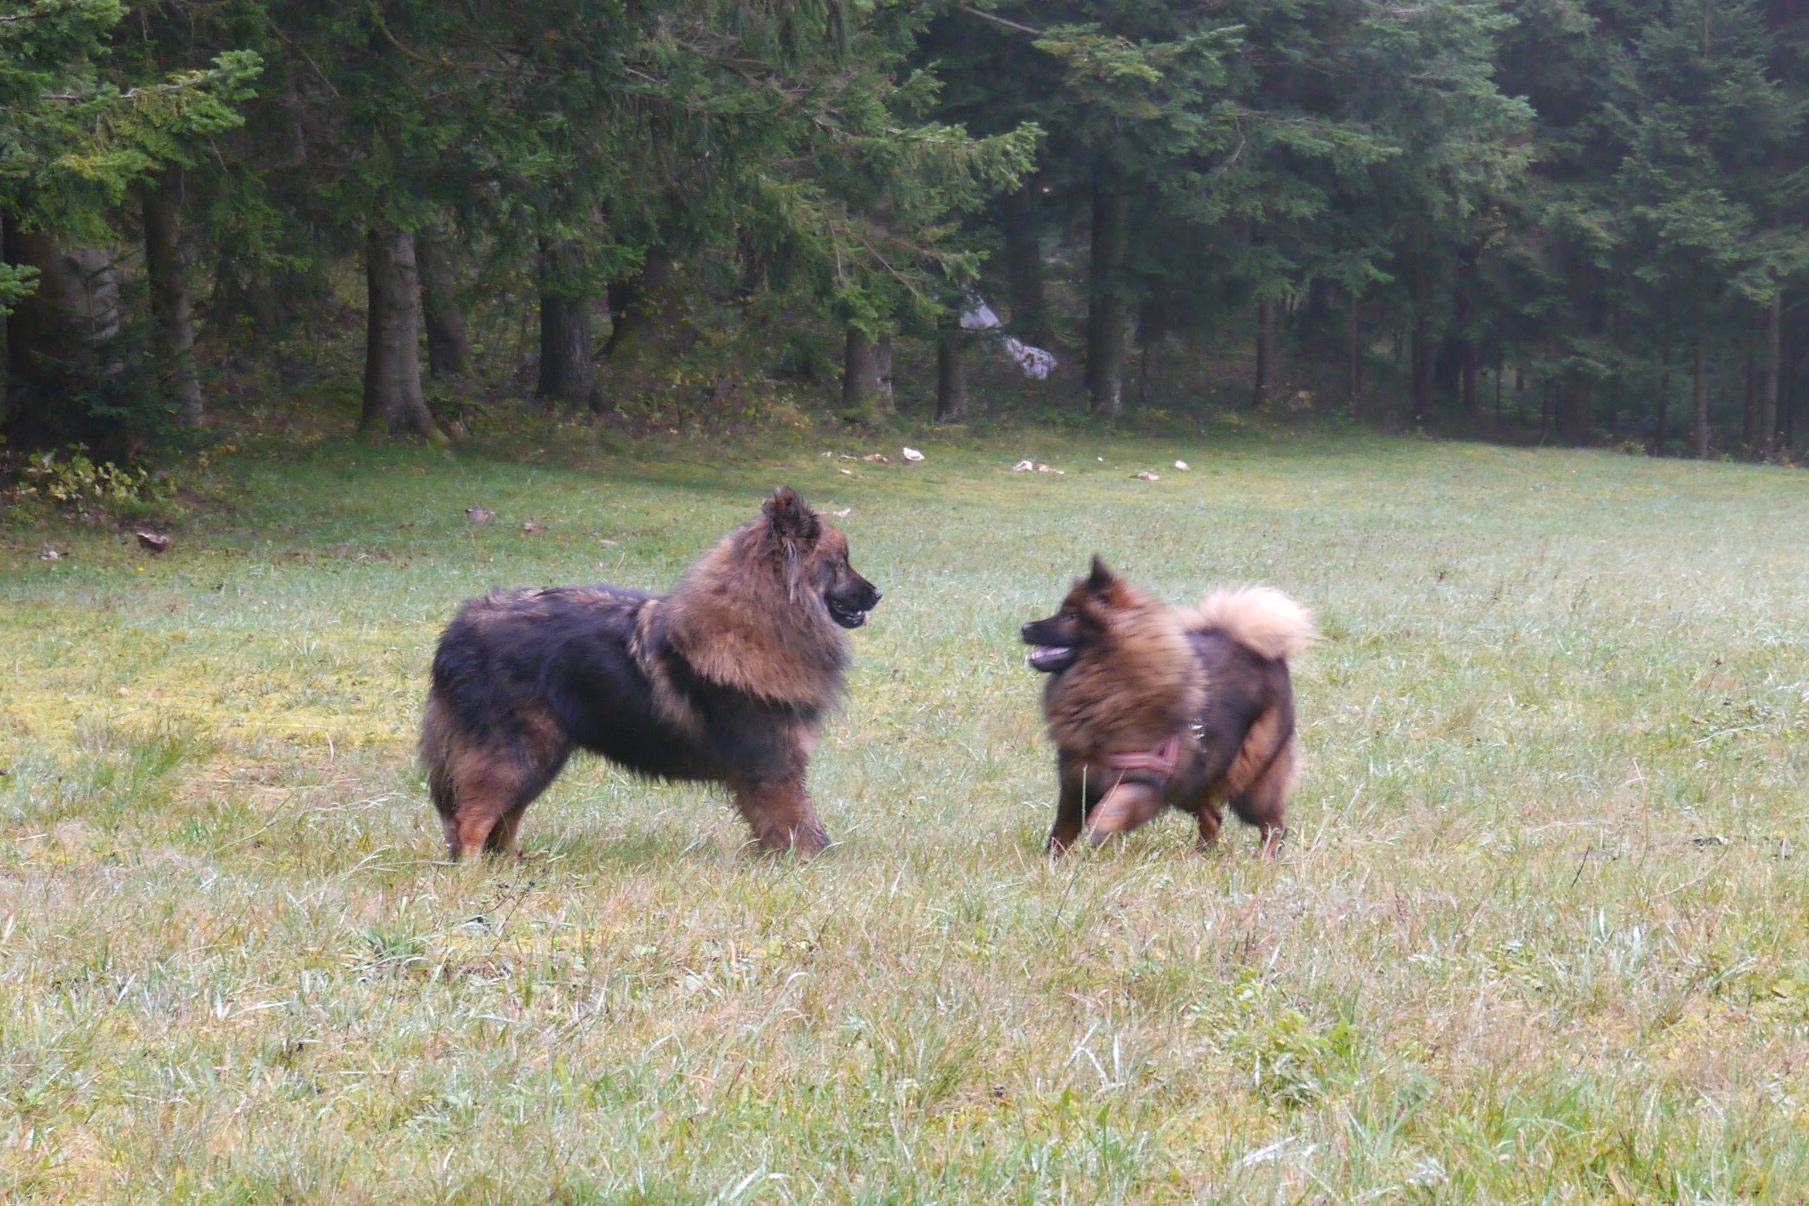 Shana & Teddy